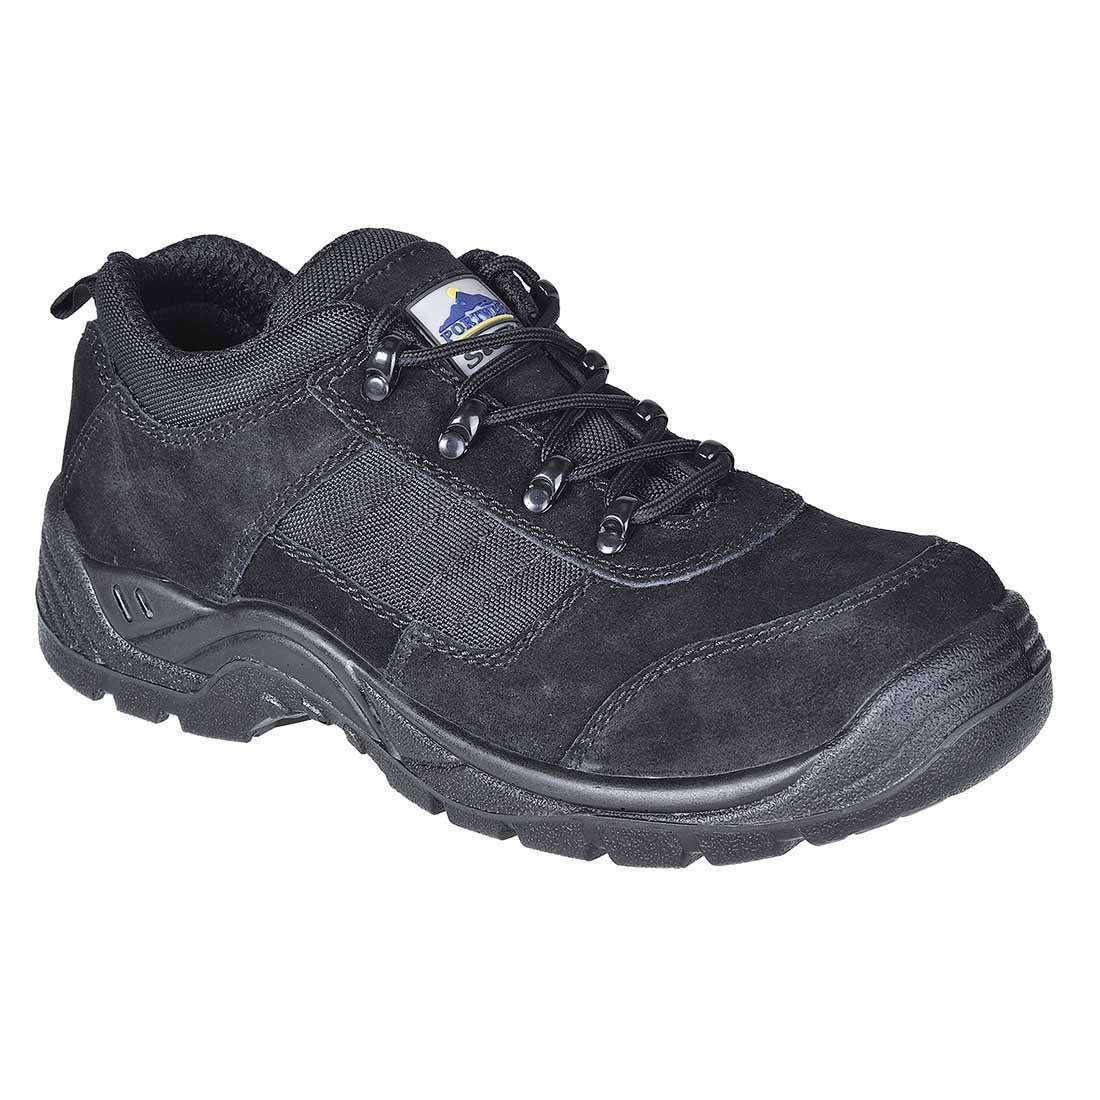 Chaussures de sécurité Noir basses Trouper S1P Portwest Noir Steelite Portwest Noir - Noir 703df3b - latesttechnology.space